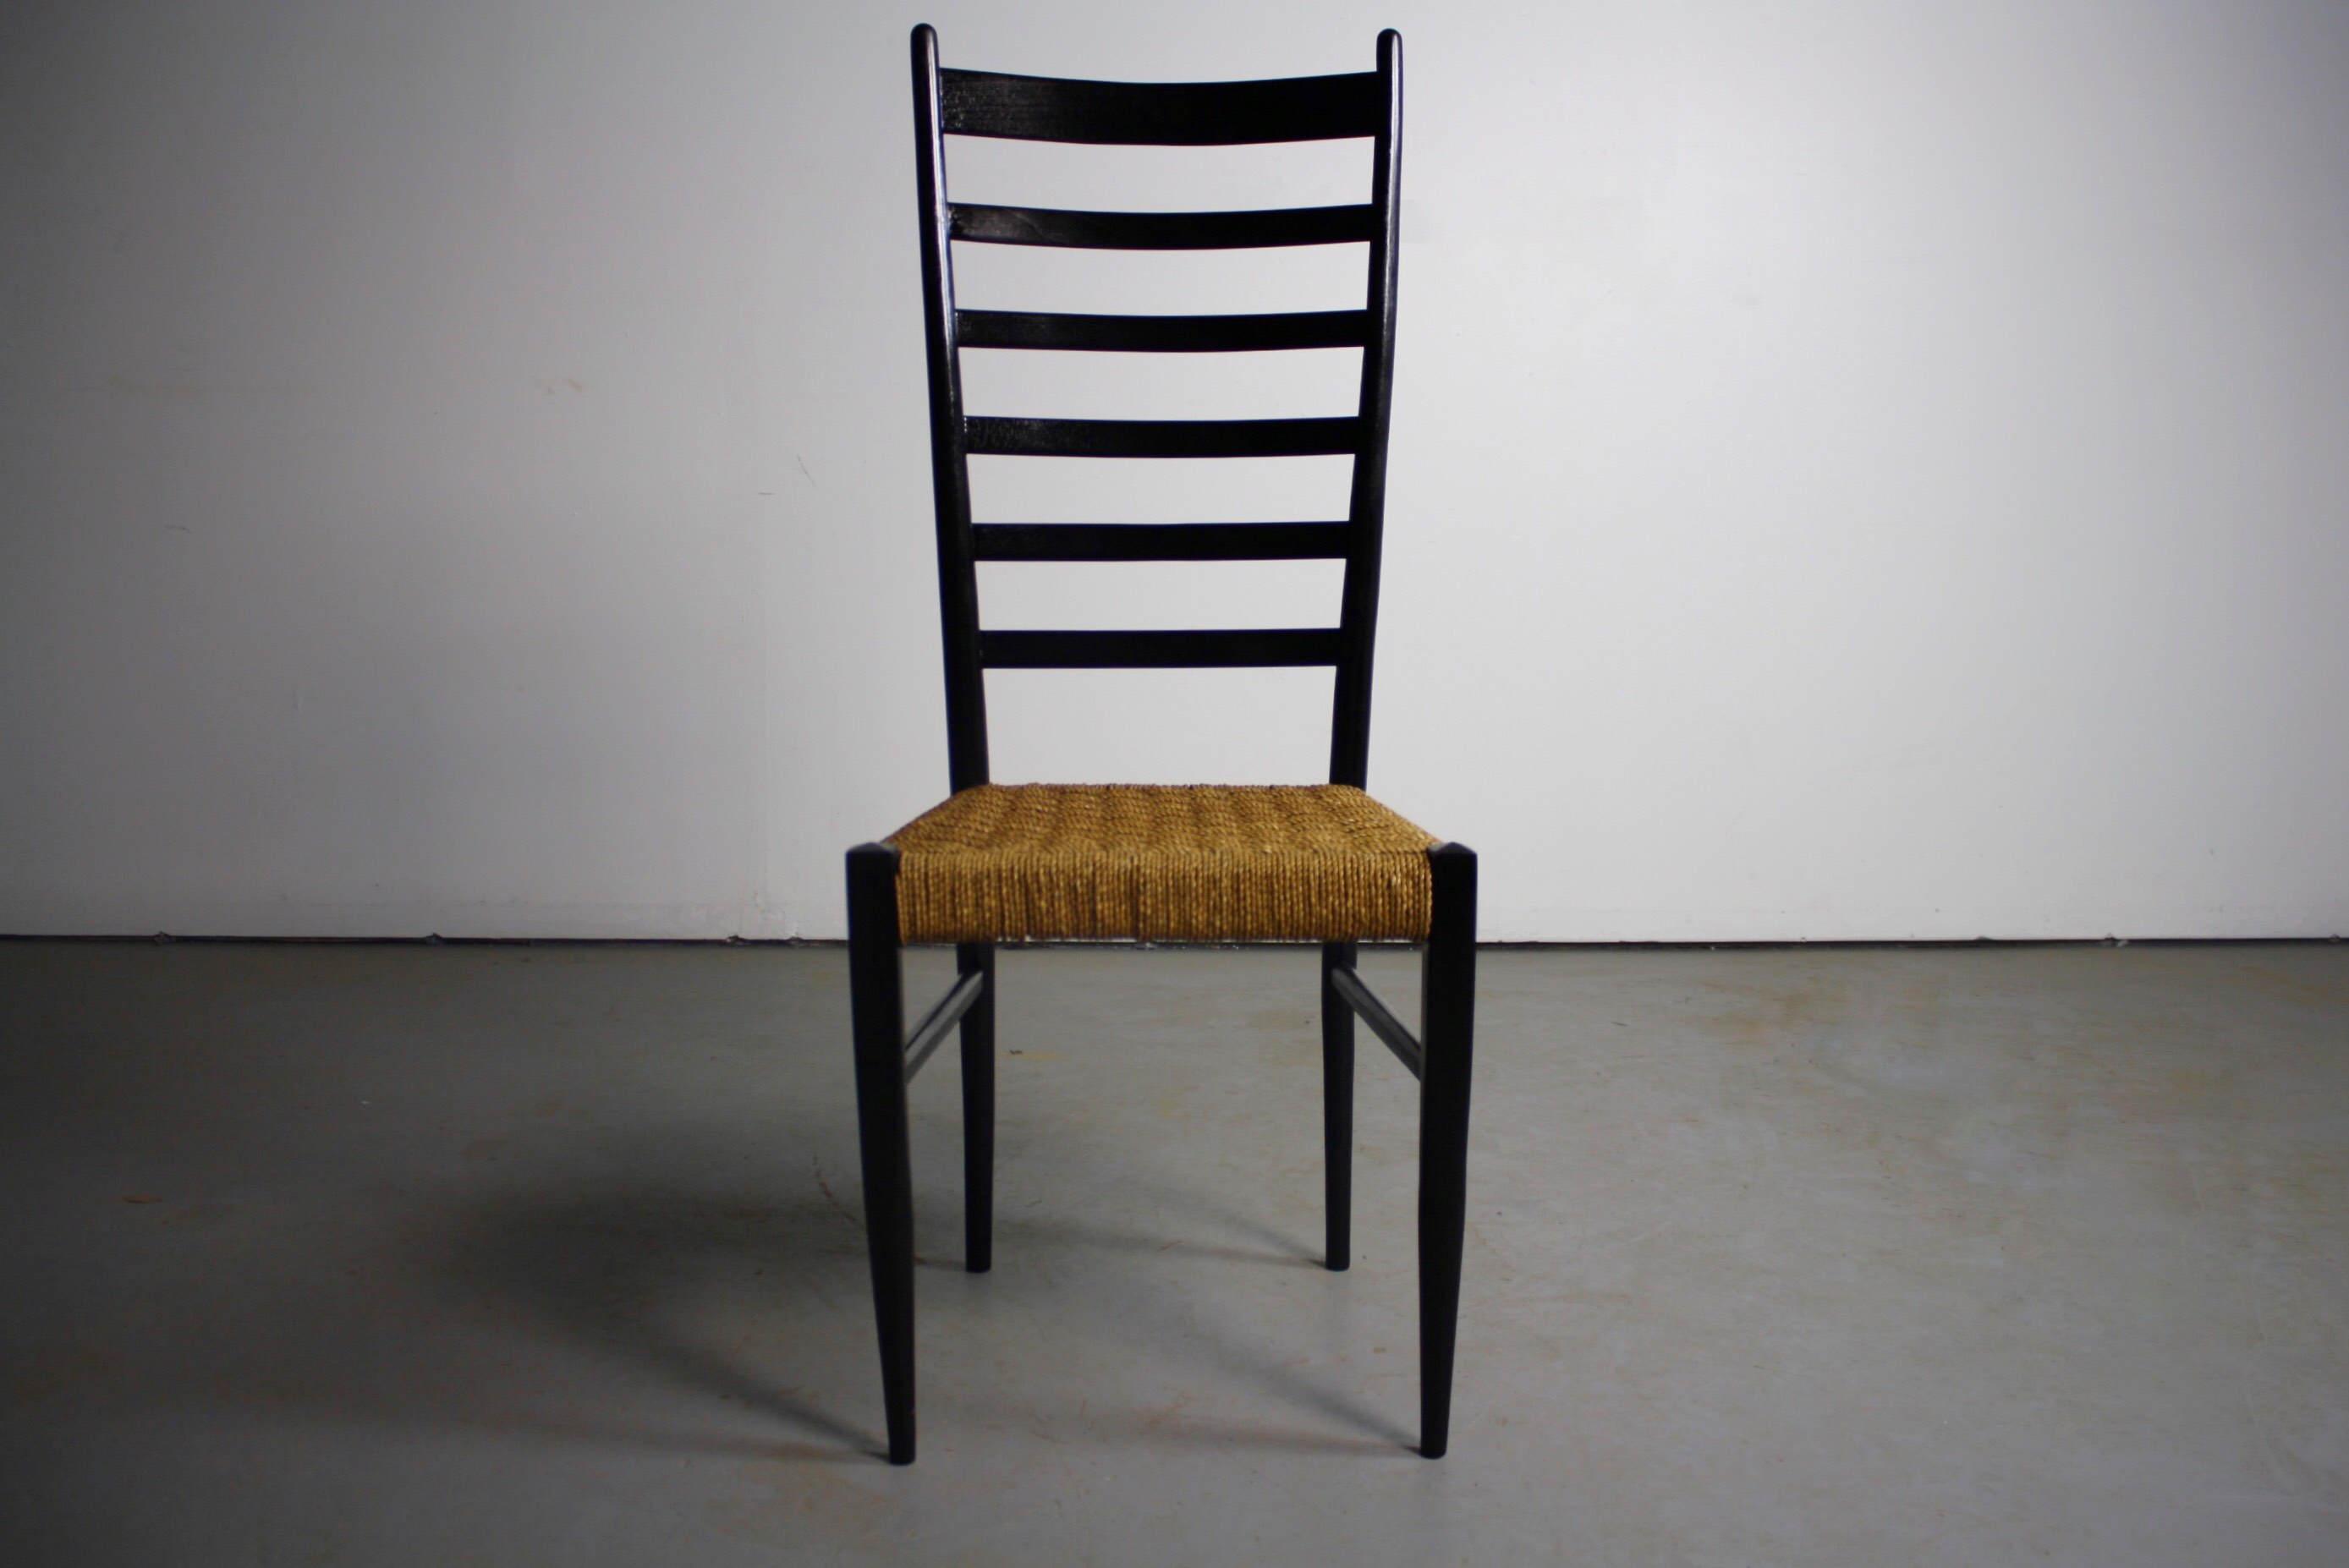 Gio Ponti Italian Modern Woven Rope Seat U0026 Ladderback Chair   Image 2 ...